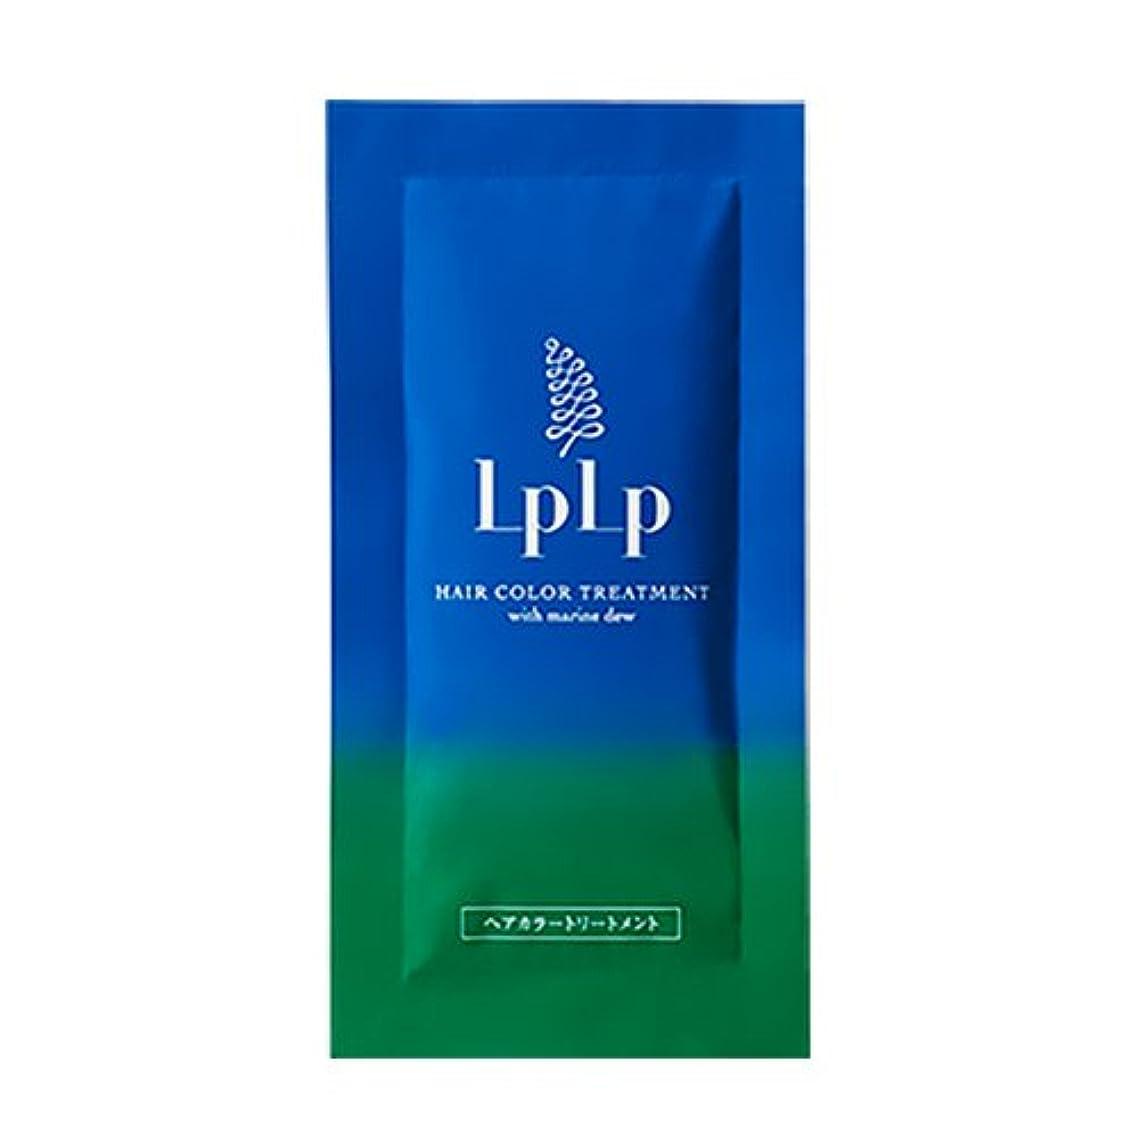 肘データベース検出するLPLP(ルプルプ)ヘアカラートリートメントお試しパウチ ソフトブラック